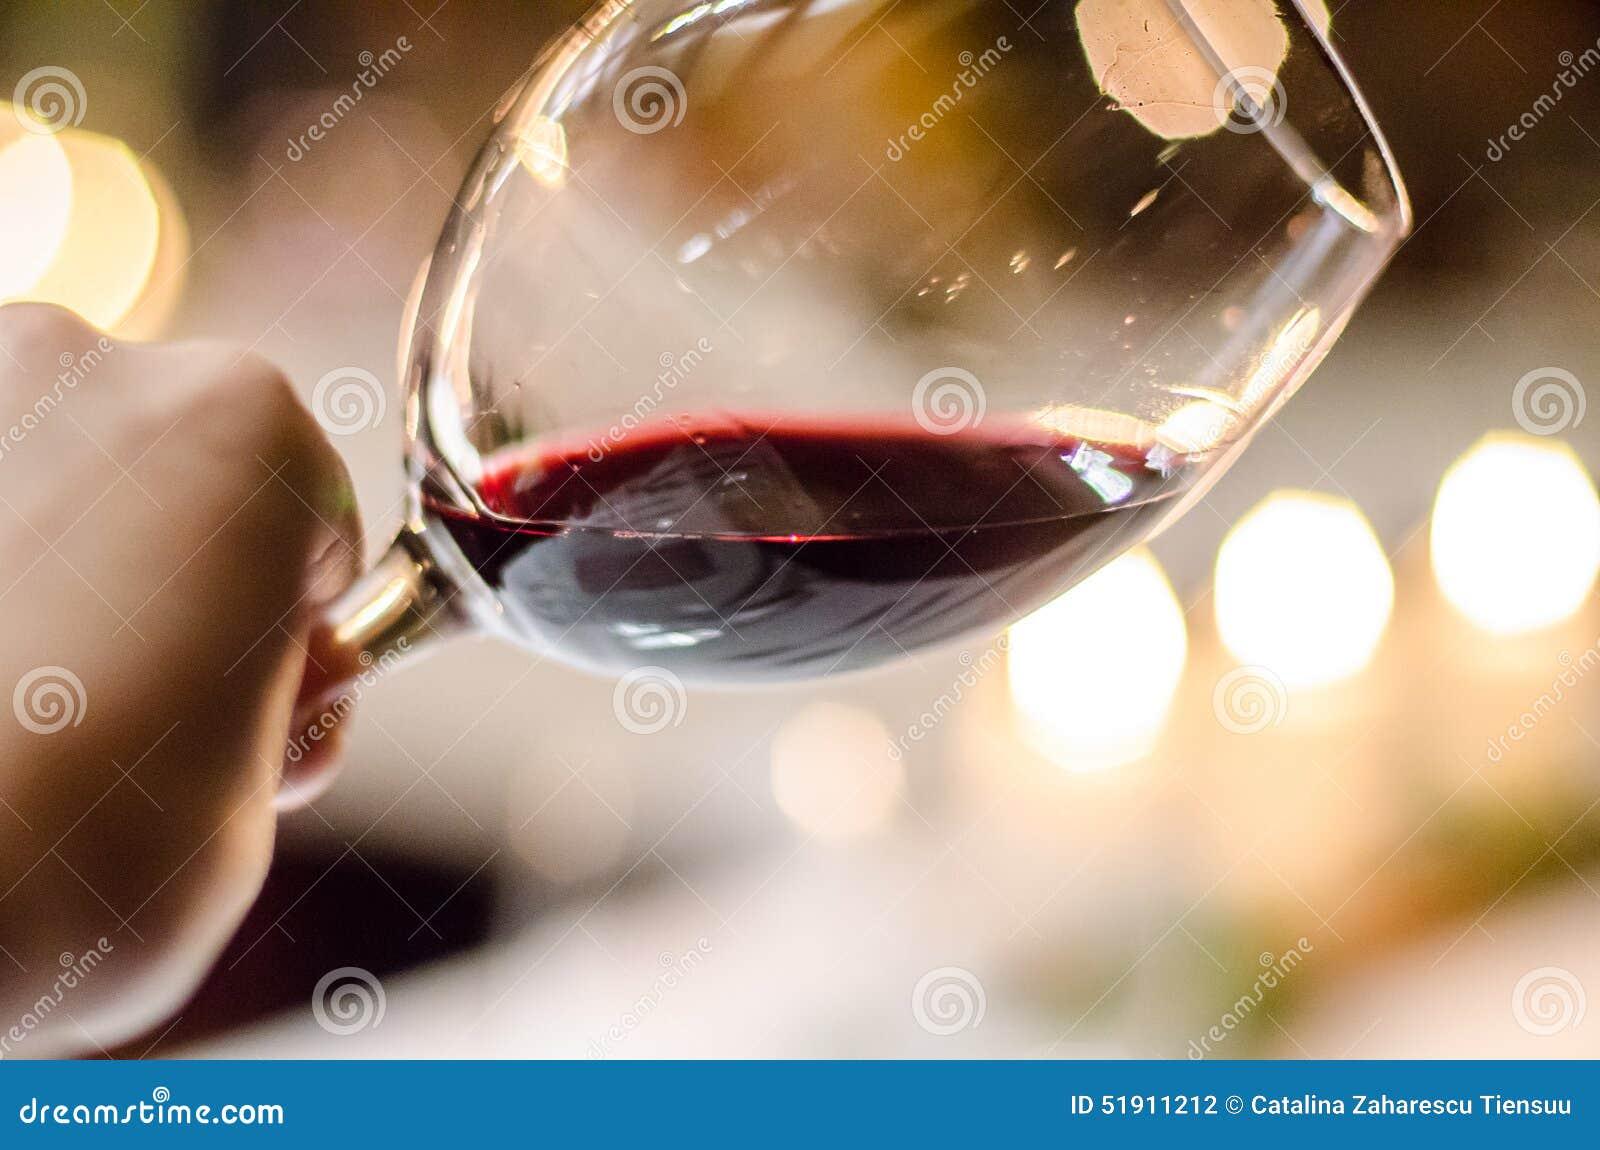 Tasting red wine